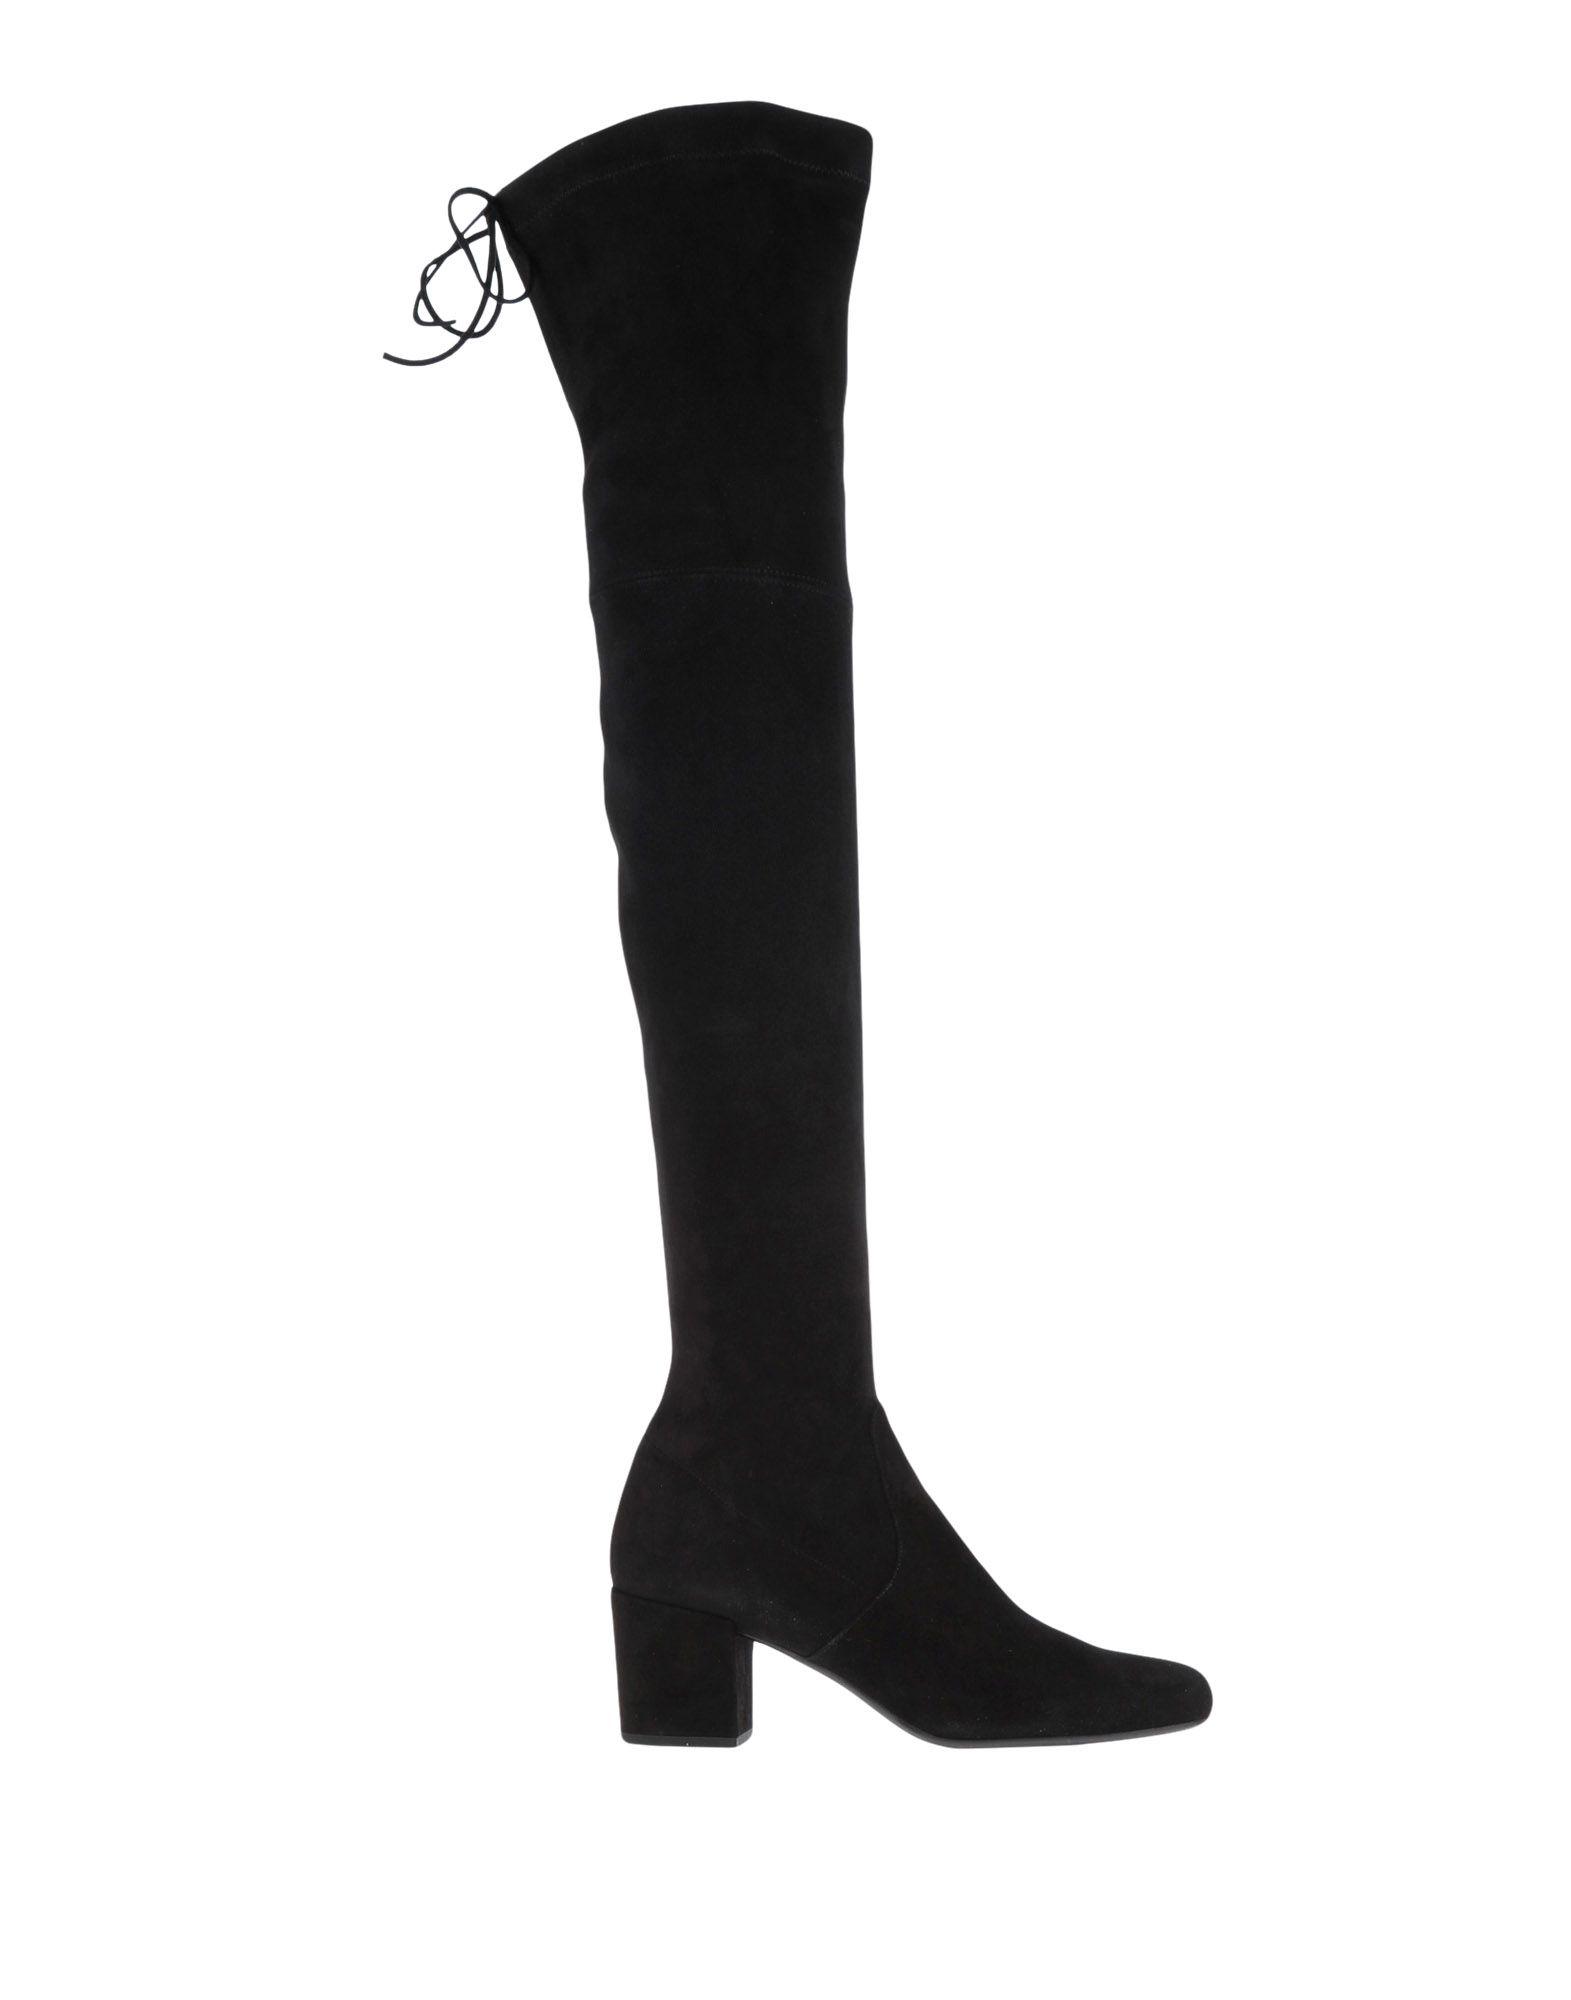 f62572122 Shop Pretty Ballerinas Boots In Black